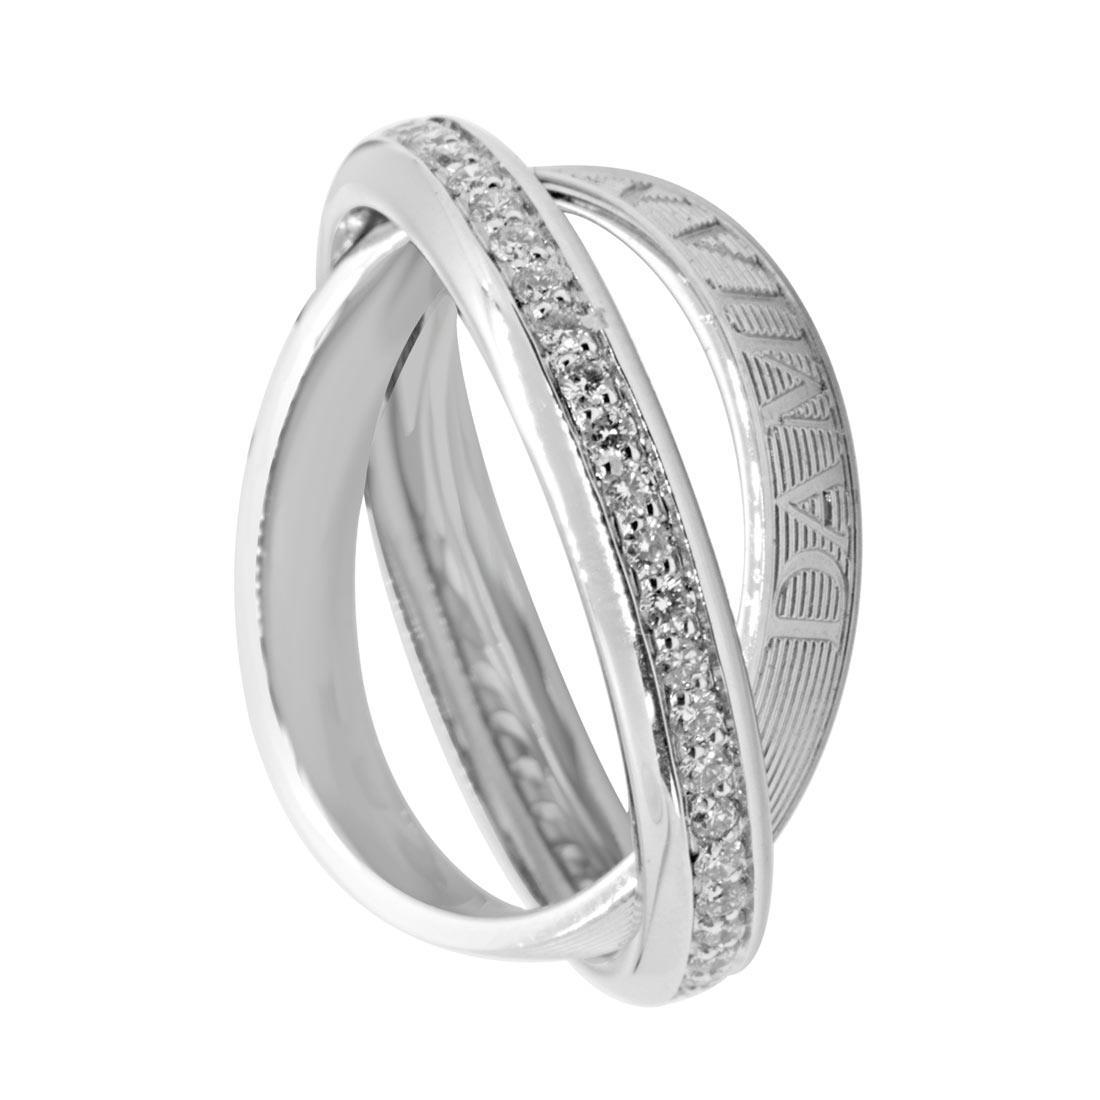 Anello Damiani in oro bianco con diamanti ct 0,48 colore H - DAMIANI